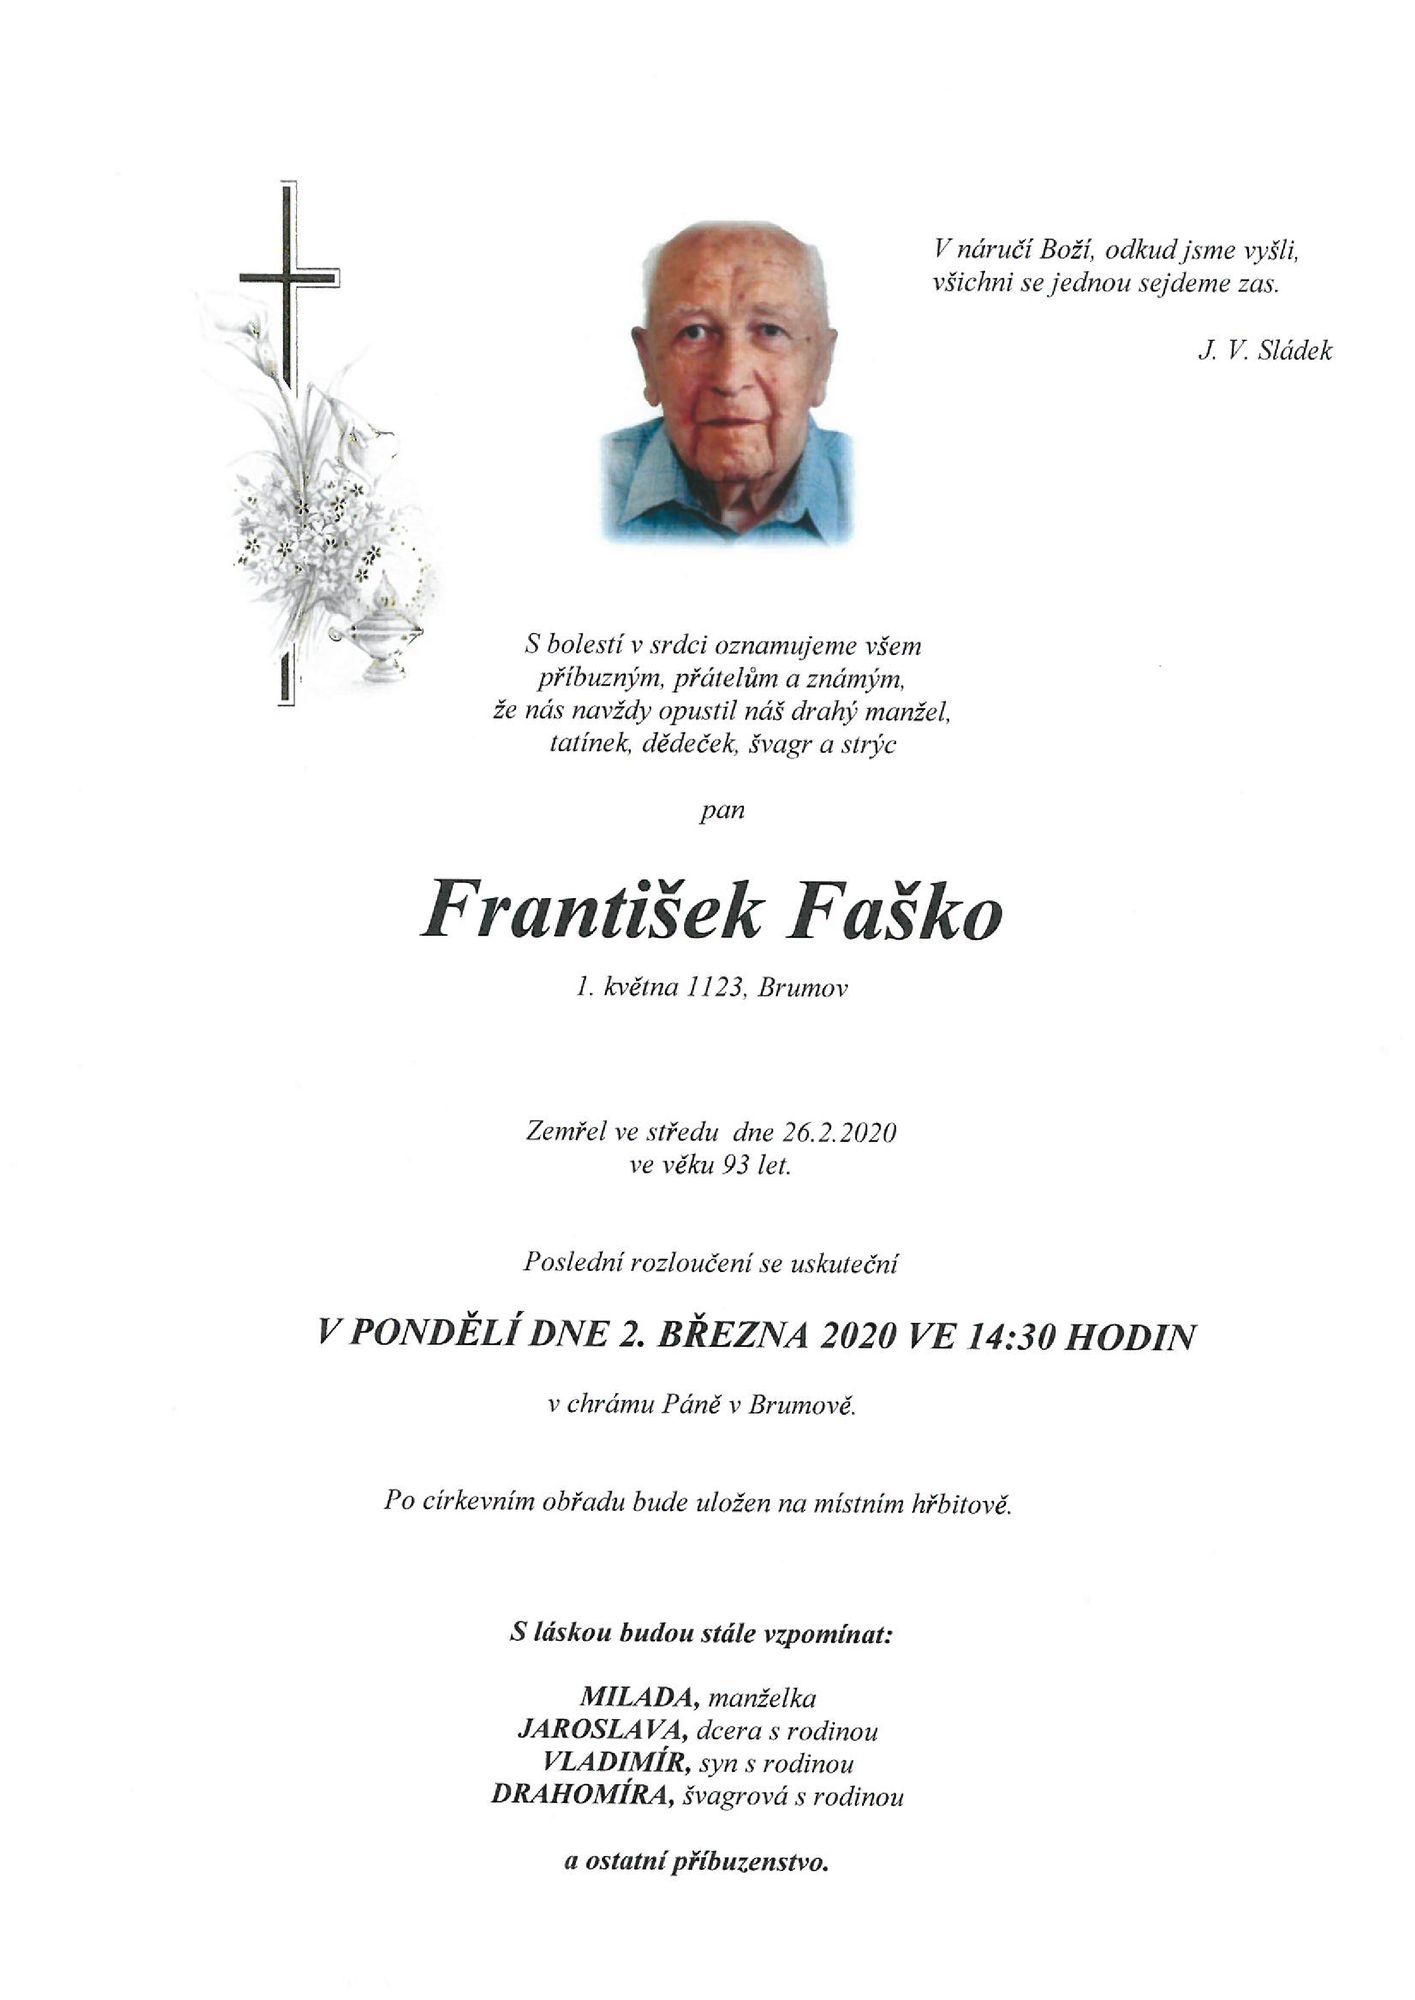 František Faško